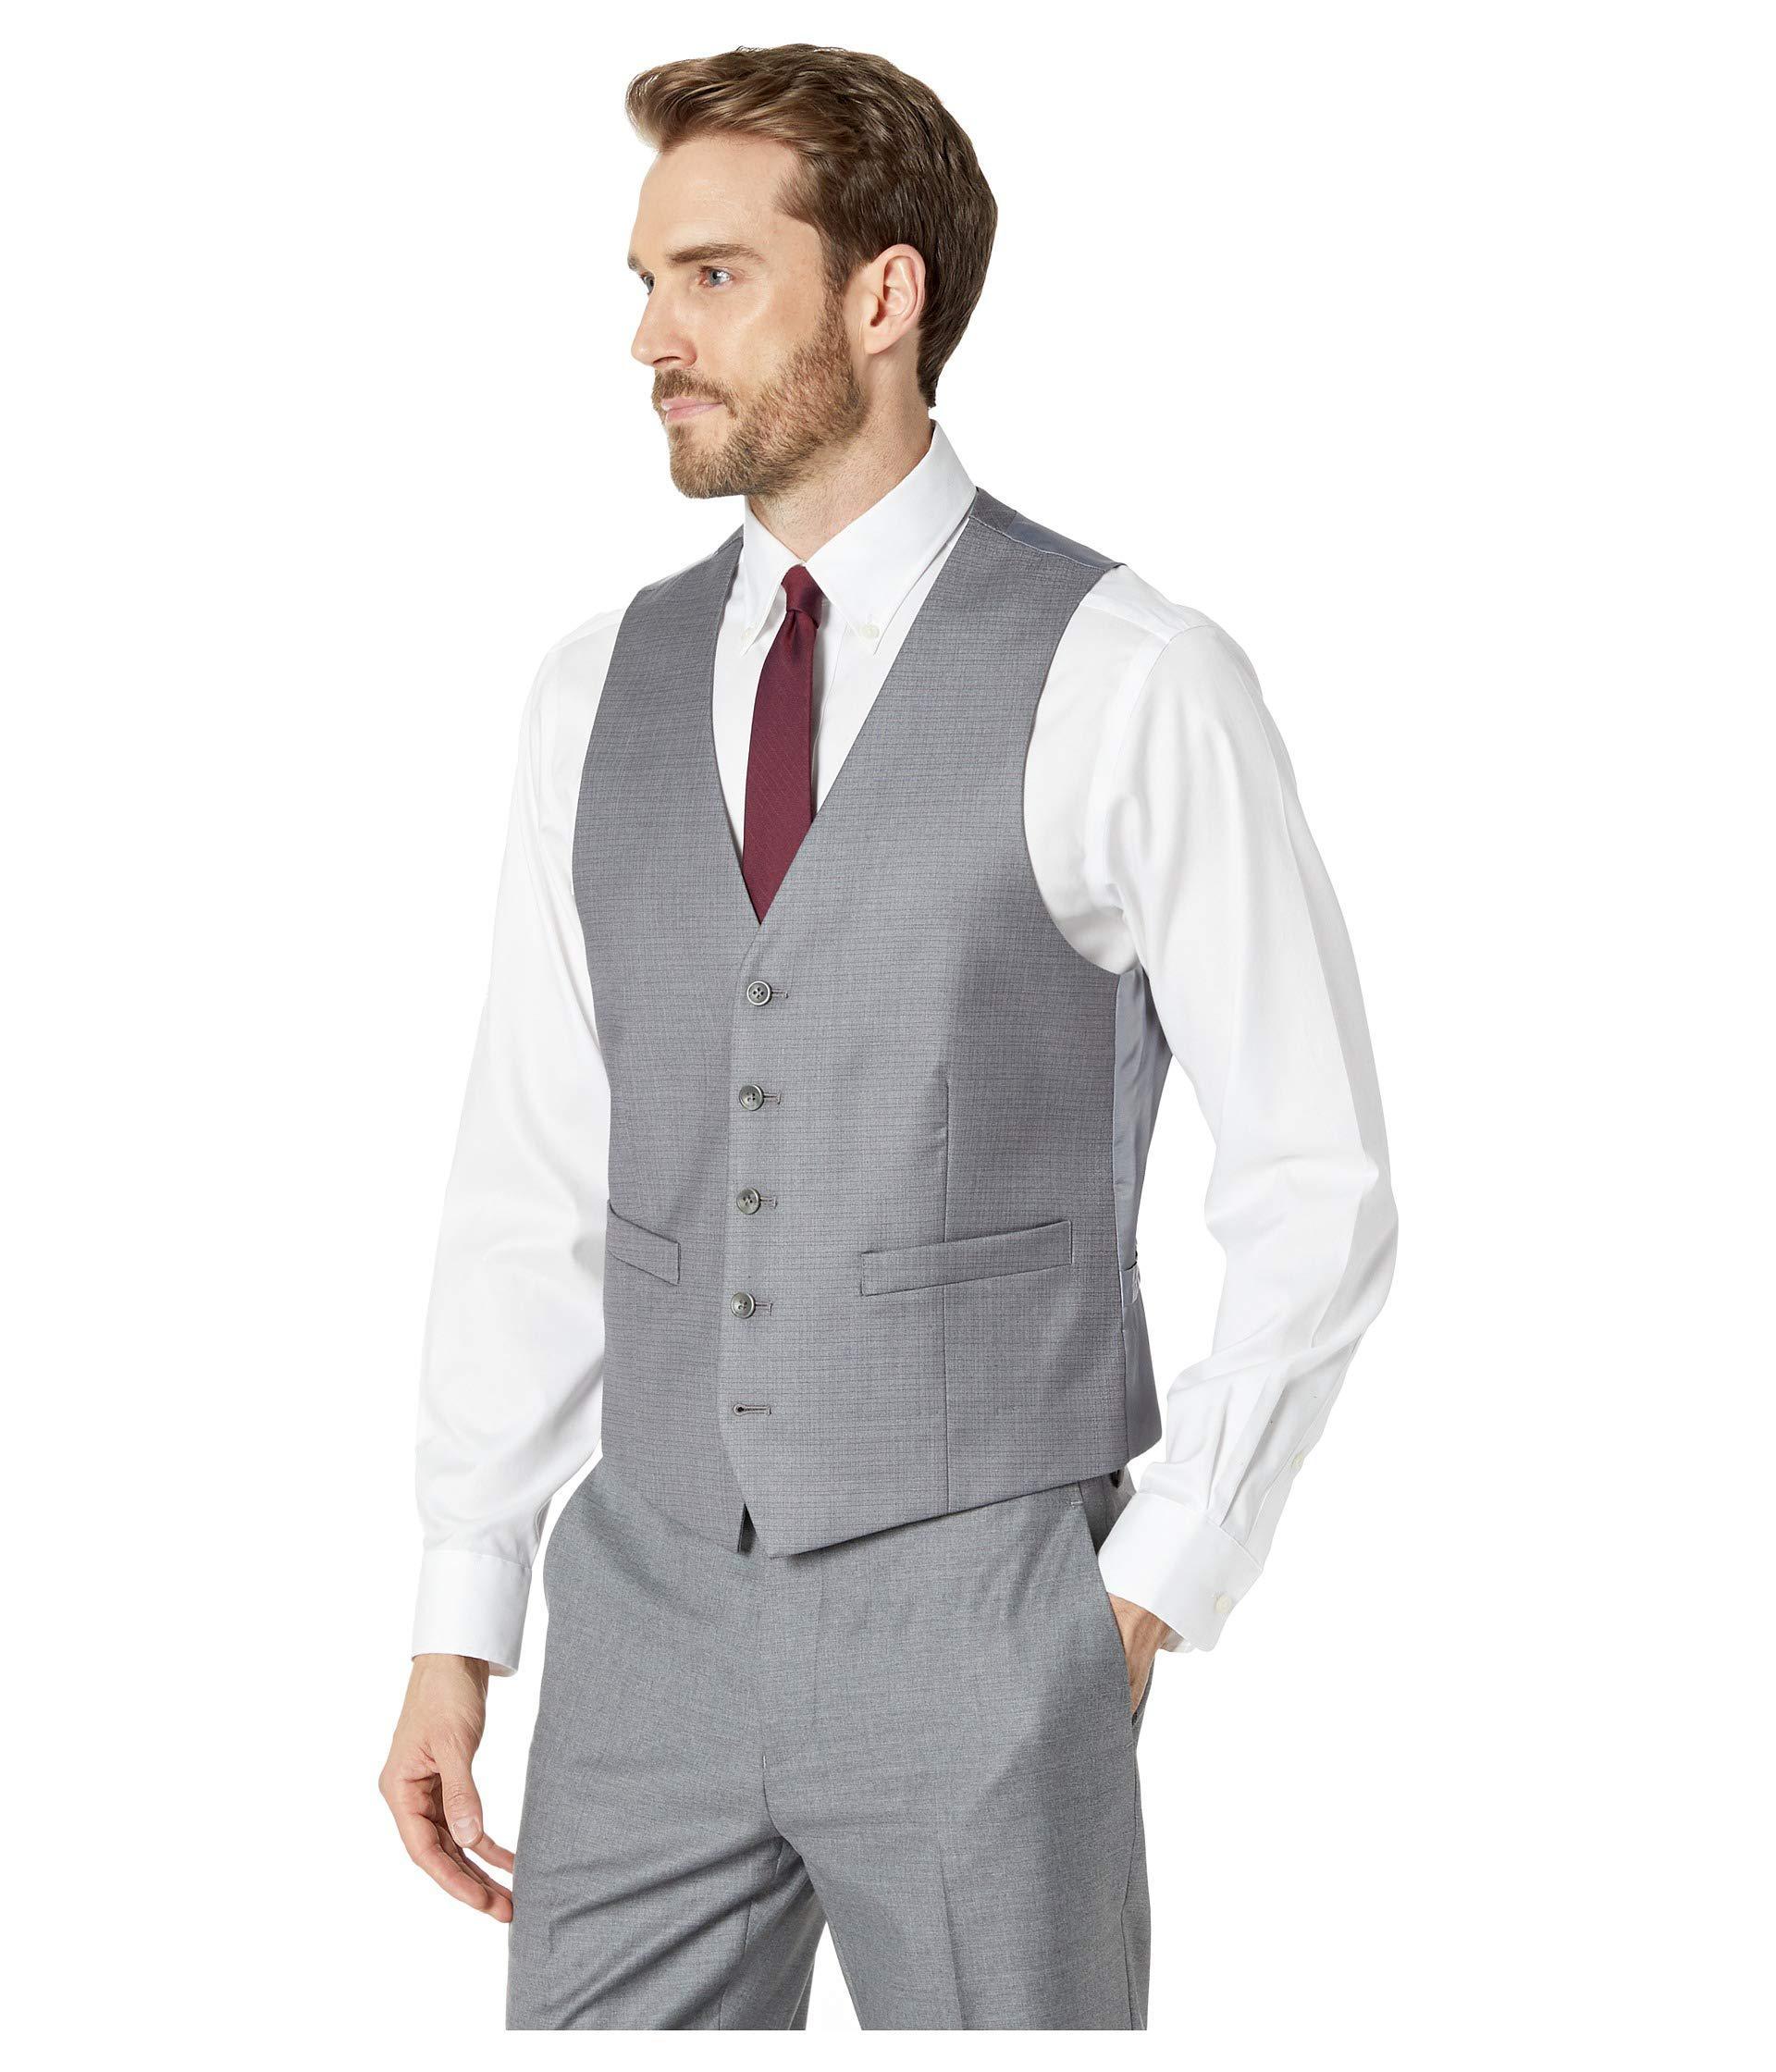 Techni,cole Stretch Suit Separate Vest